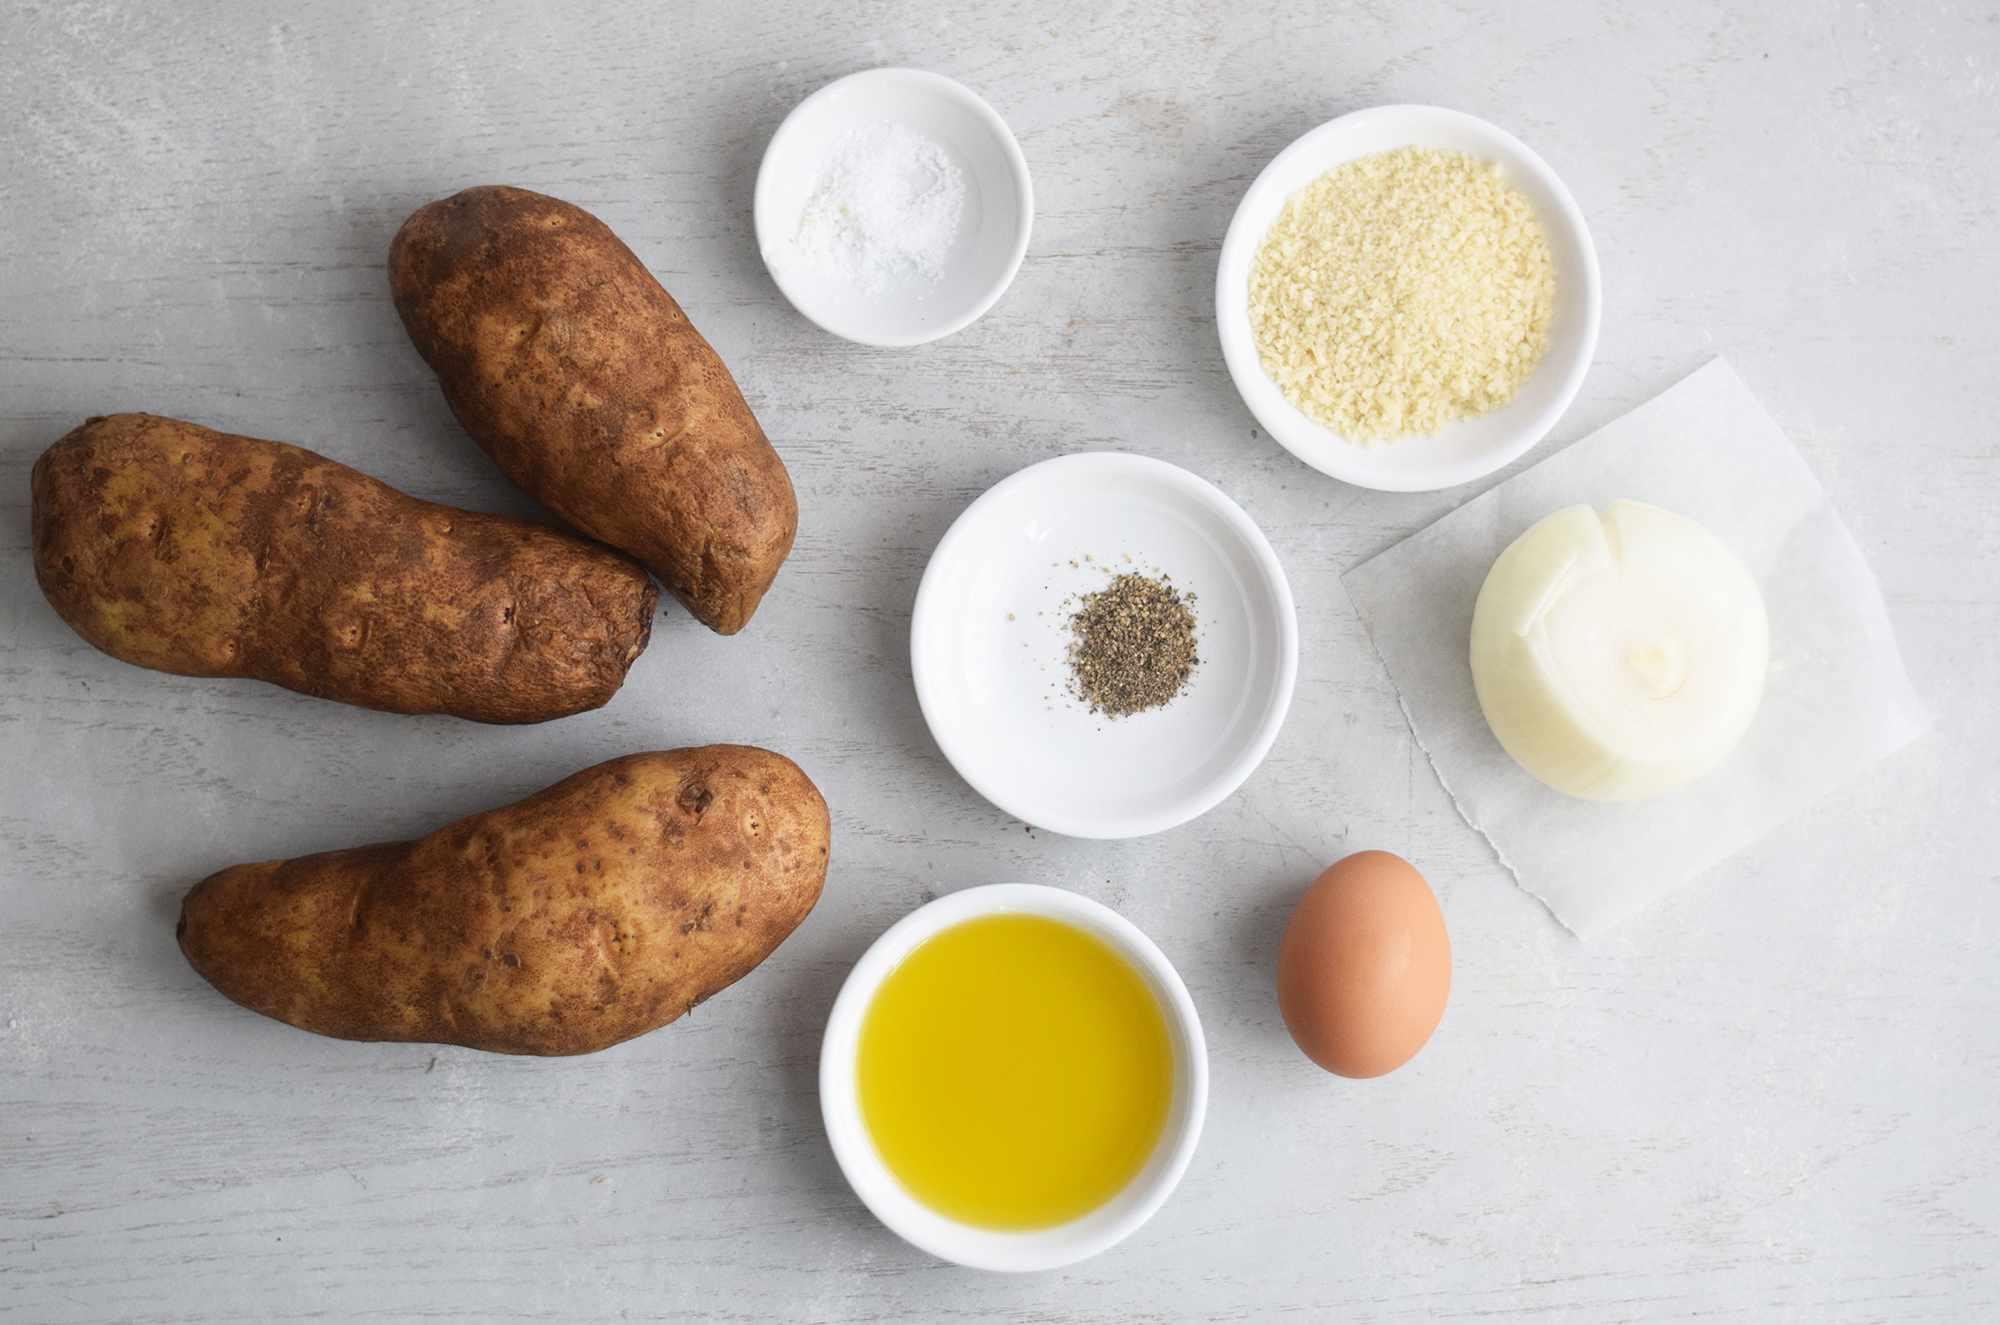 Ingredients for making air fryer latkes